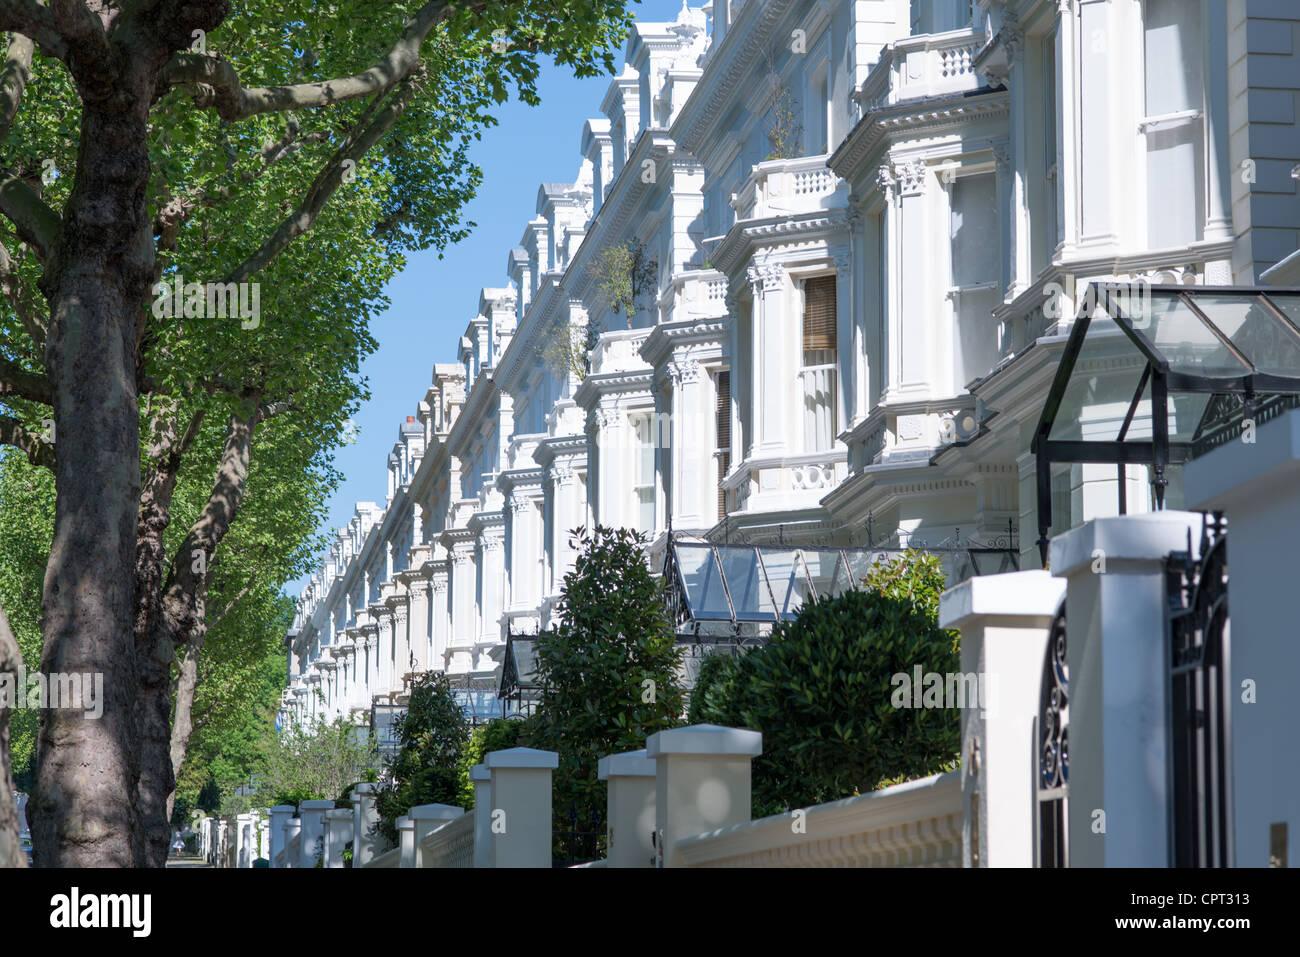 Propriétés exclusives sur Holland Park W11 dans le Royal Borough de Kensington et Chelsea, London, UK. Photo Stock